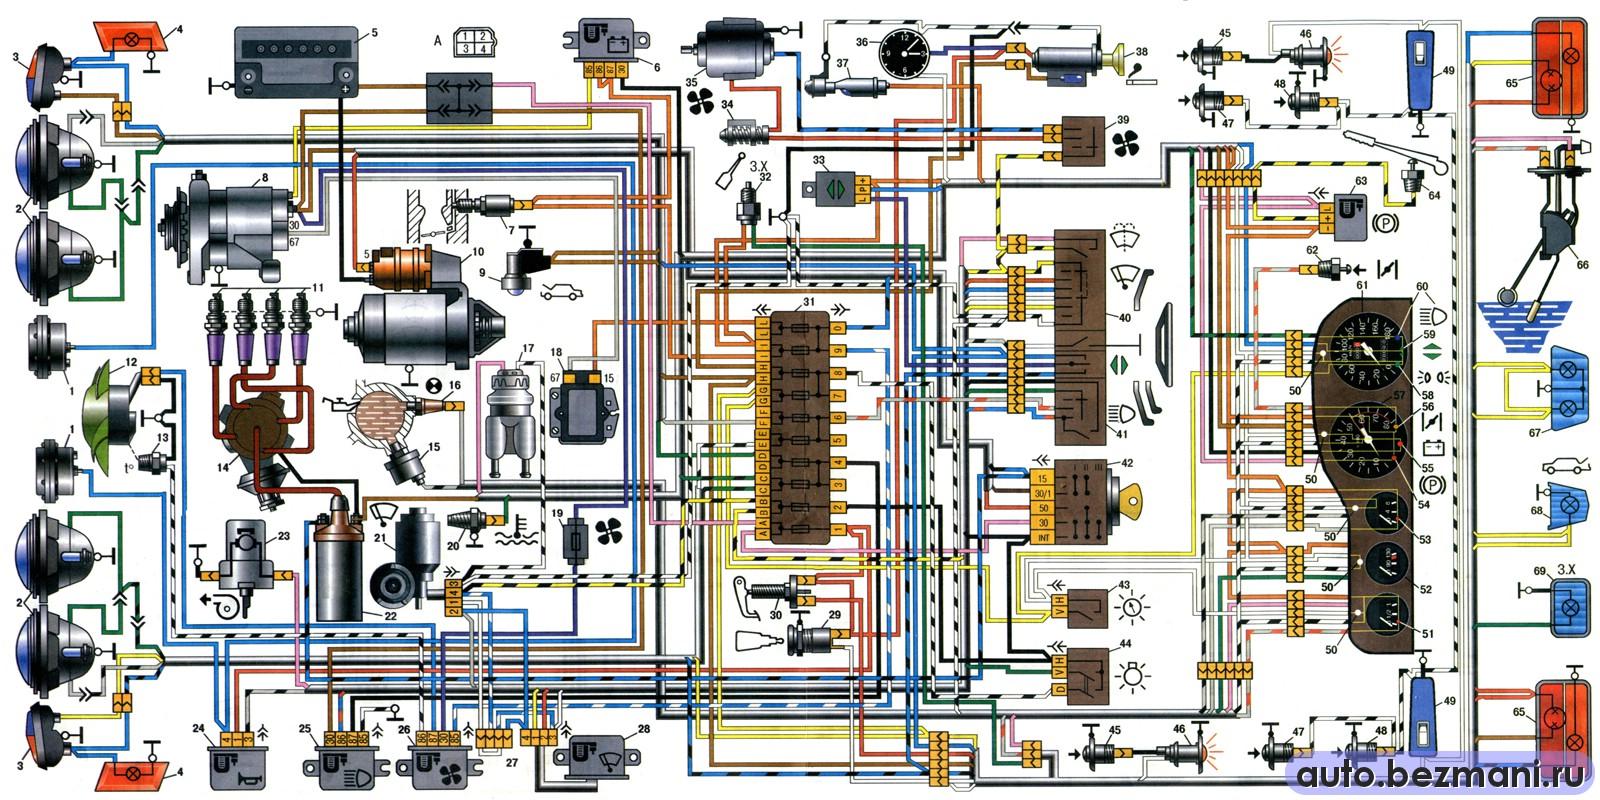 электрическая схема автомобиля ВАЗ-2103